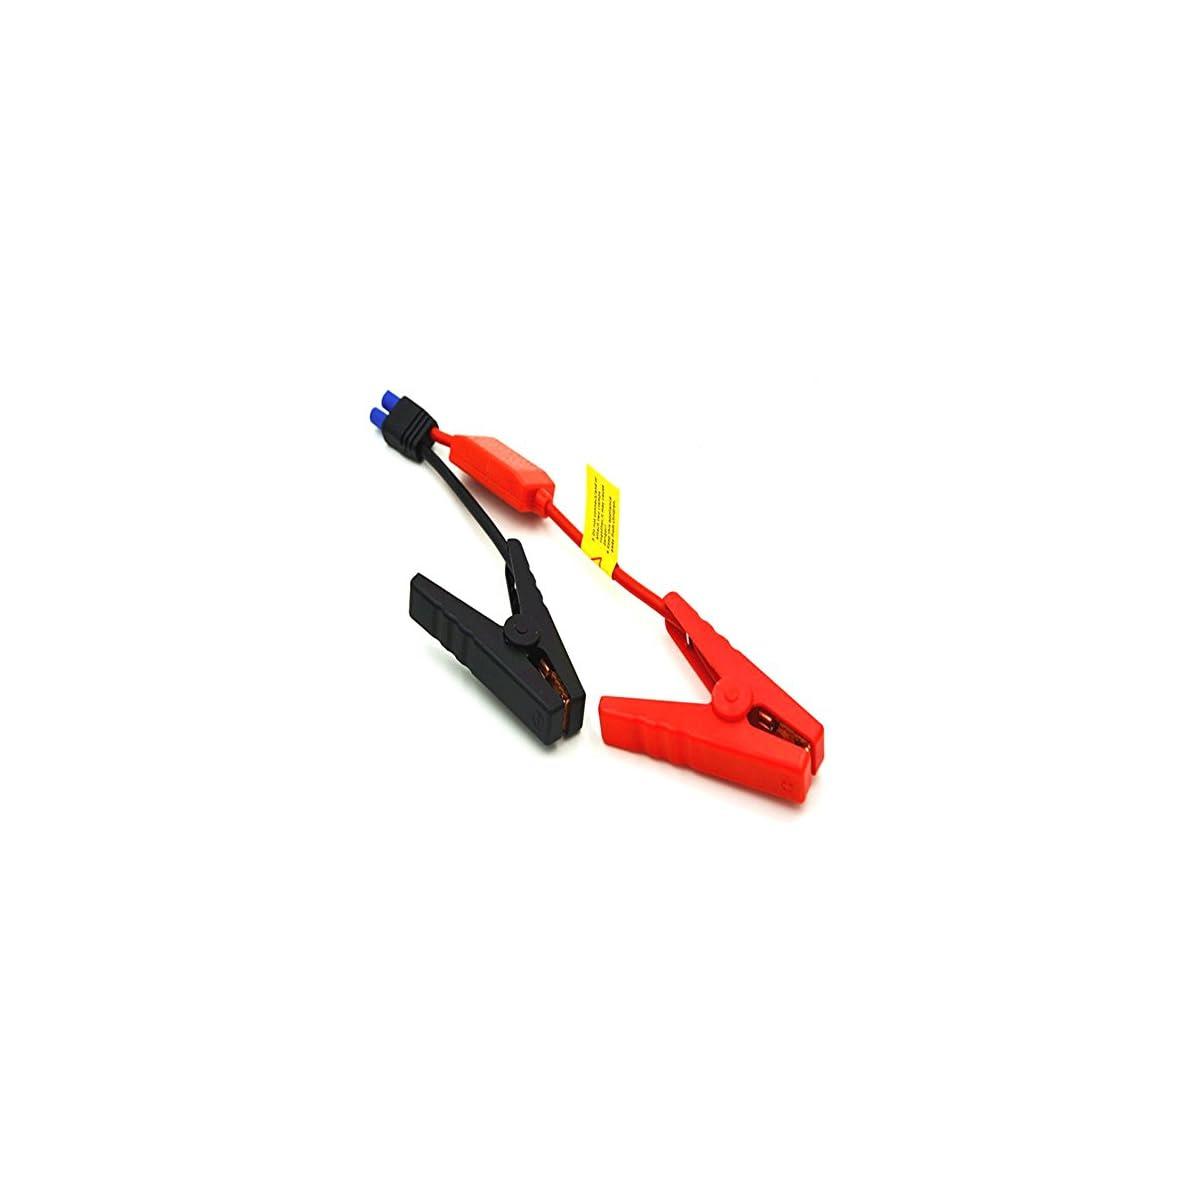 41dhl9xqjKL. SS1200  - Pinzas para batería de coche SM600 de Xincol, pinzas tipo cocodrilo, conector EC5 de emergencia